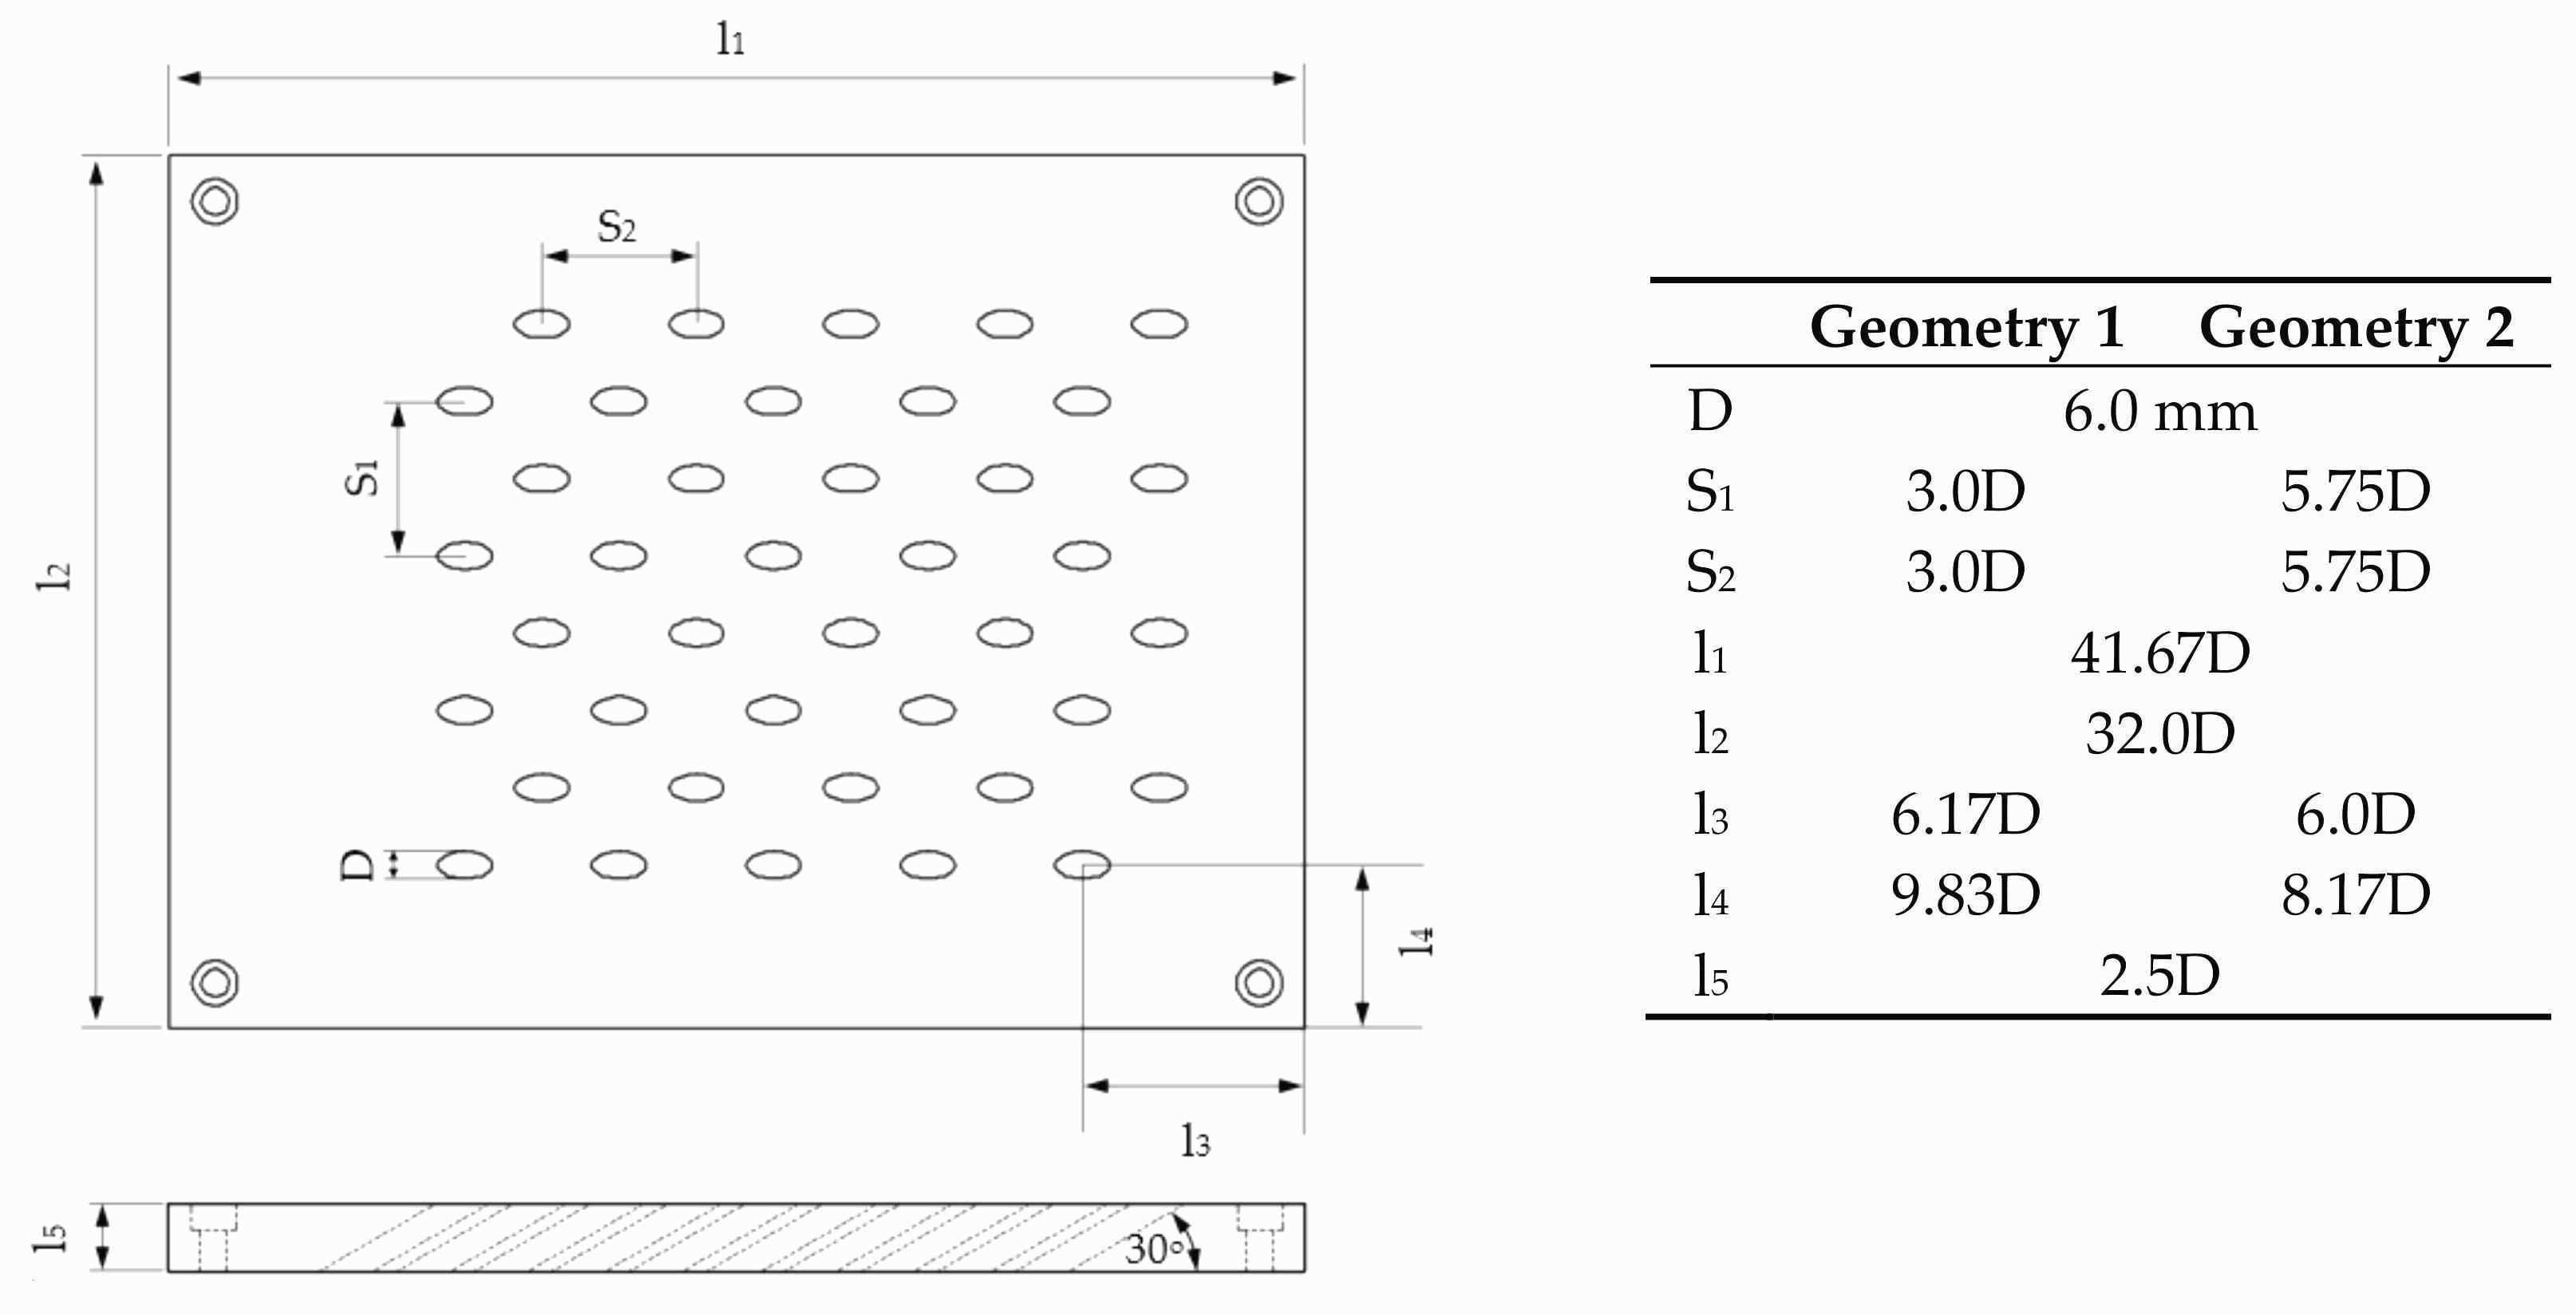 Malen Nach Zahlen 1-10 Inspirierend tolle Zahlen 1 Bis 10 Dezember 2015 Mathematik Arbeitsblatt Genial Sammlung